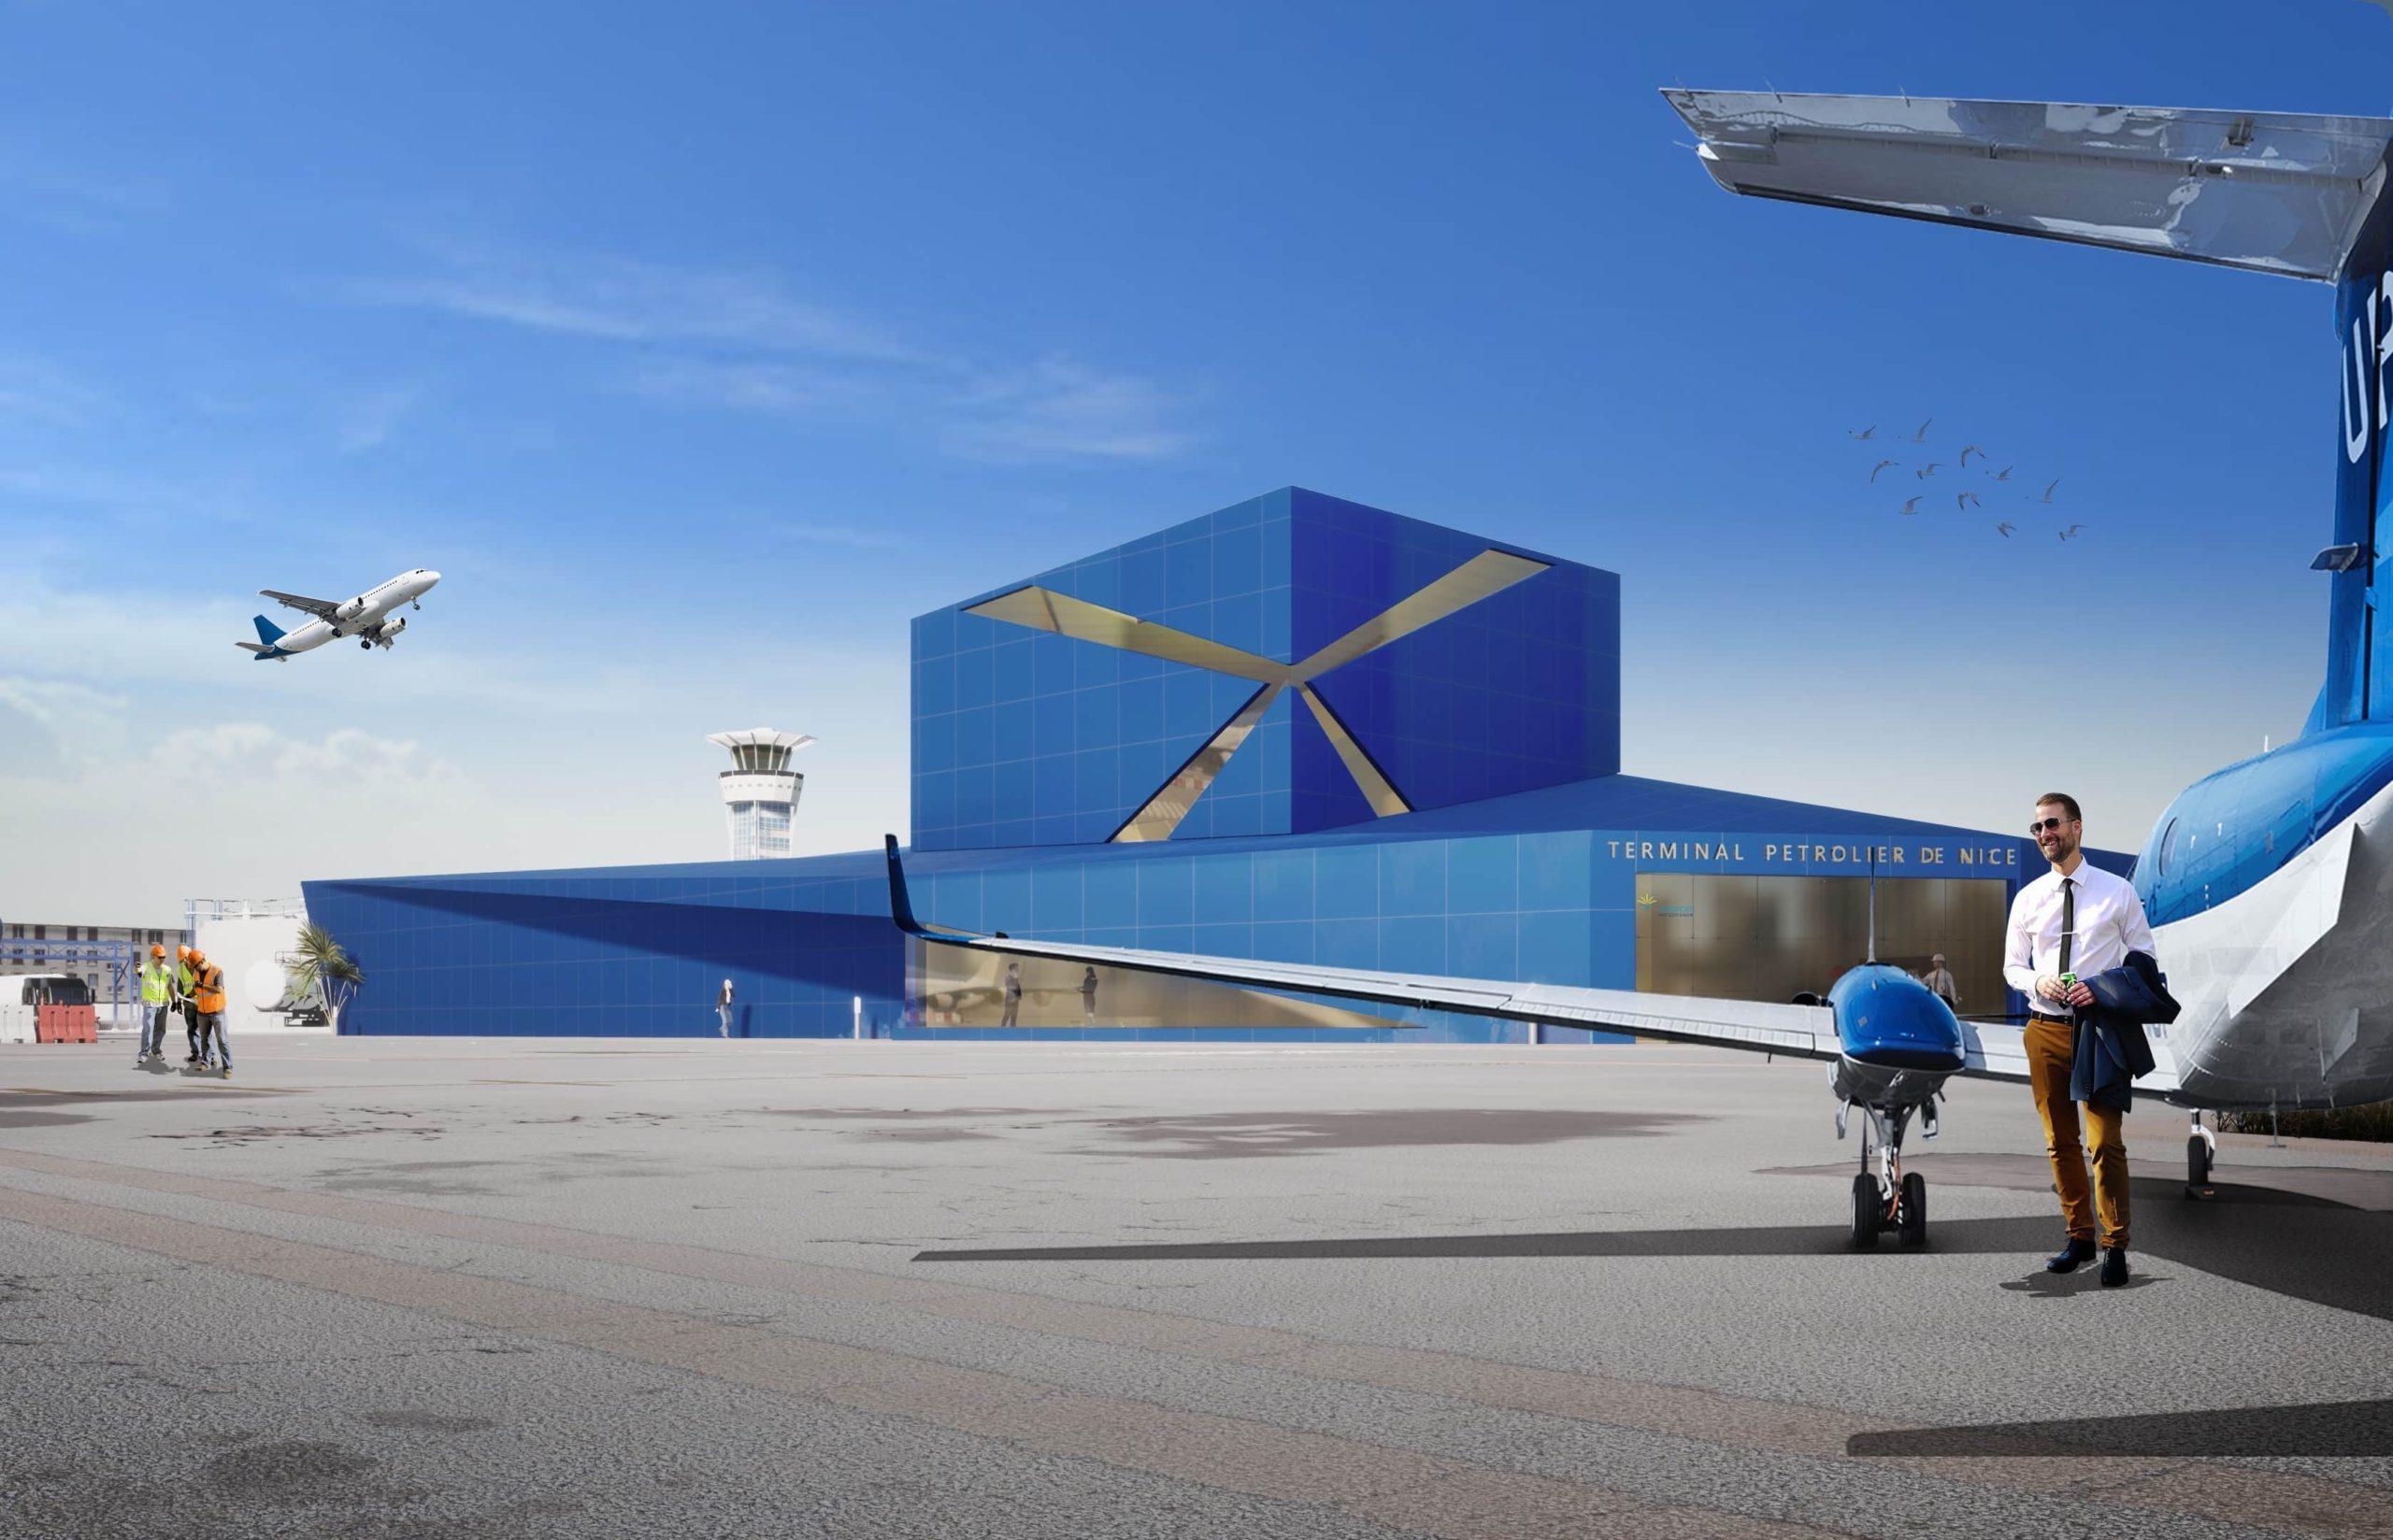 Terminal pétrolier de l'aéroport de Nice